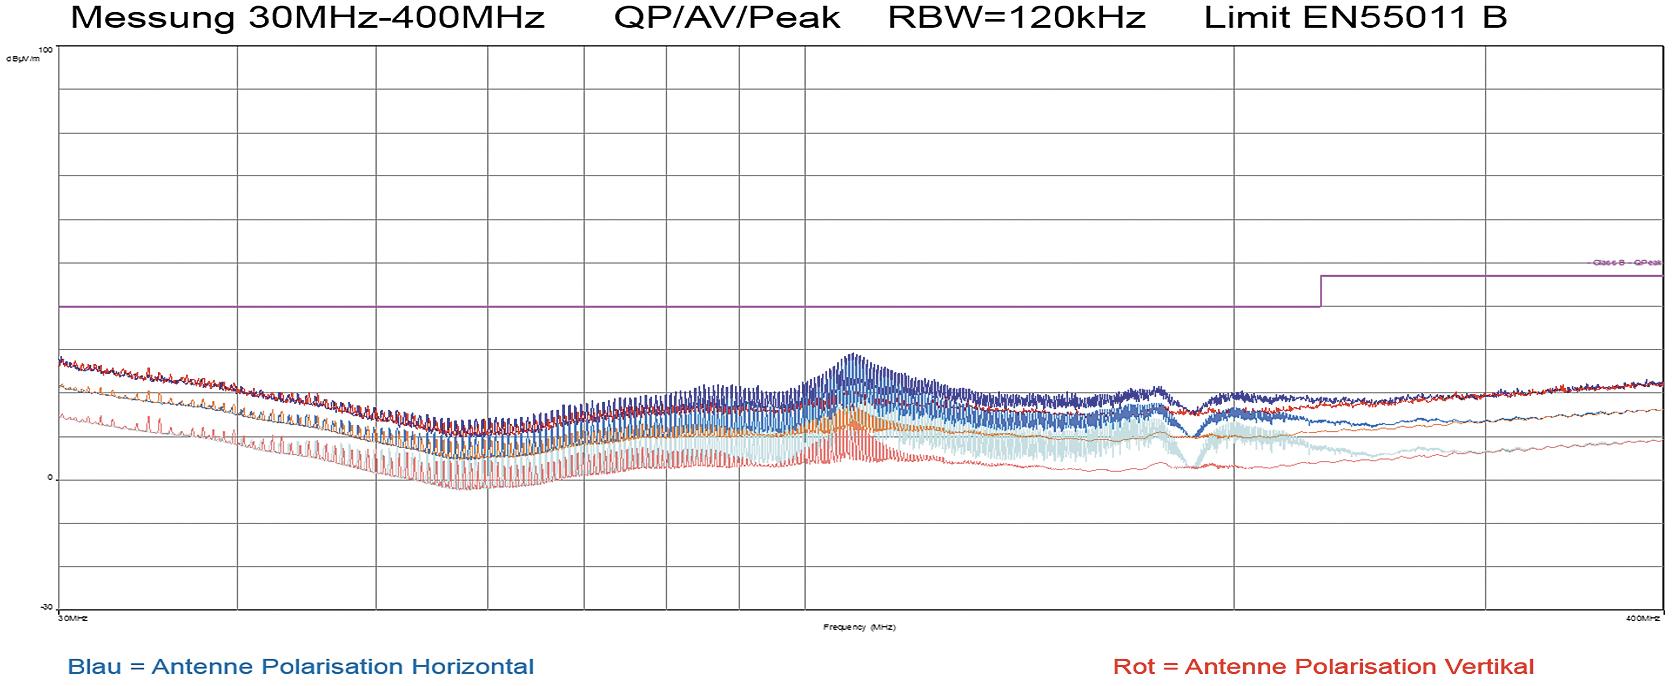 Результат измерения улучшенного варианта повышающего преобразователя с развязывающими фильтрами